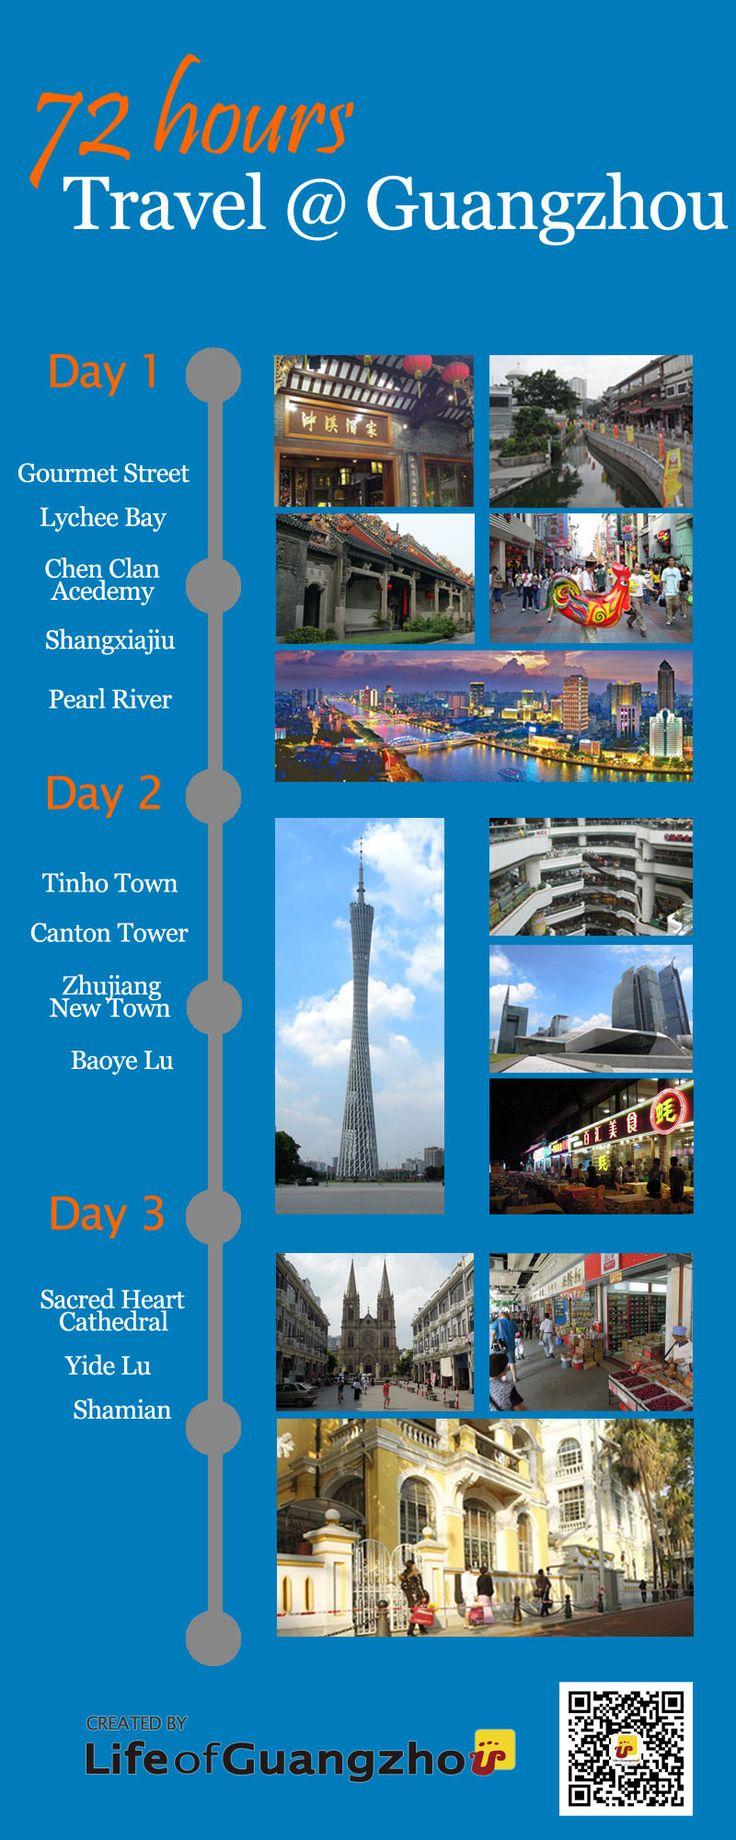 72 Hour tour of Guangzhou